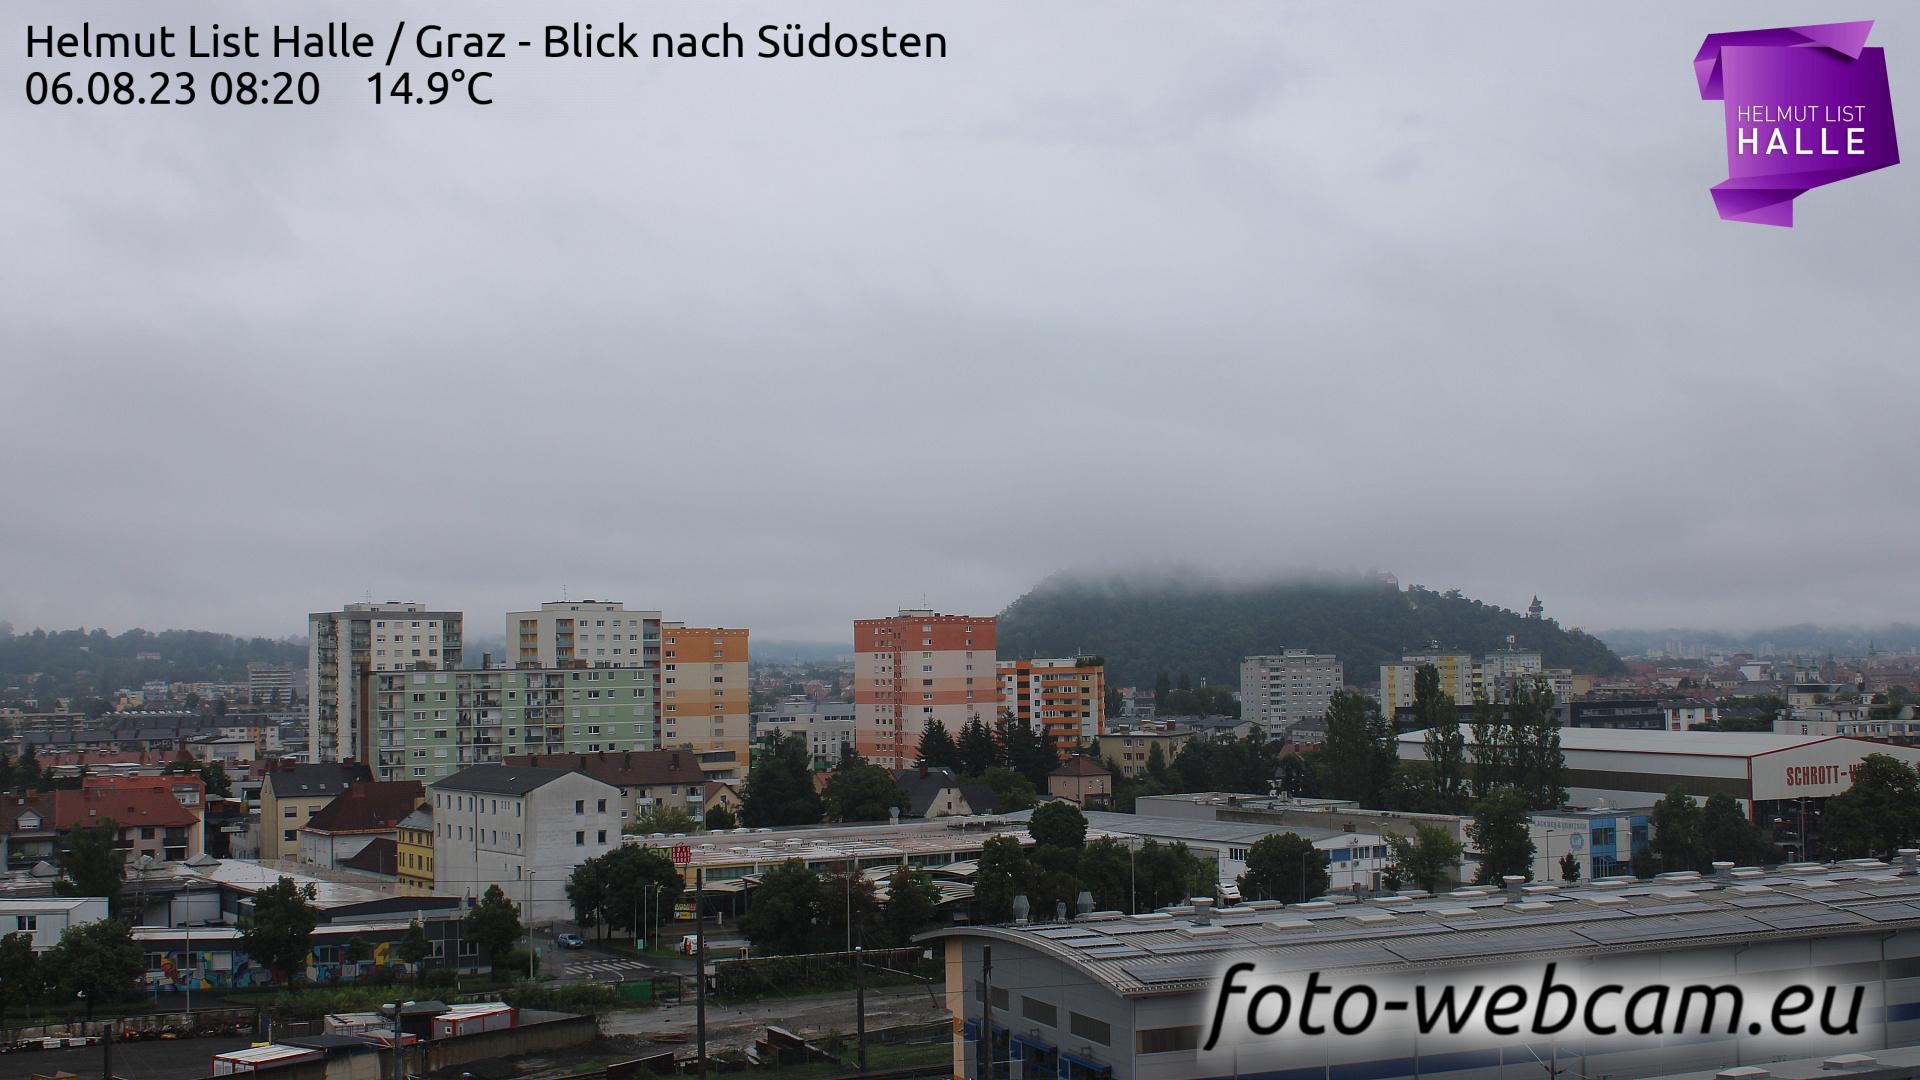 Graz Sun. 08:32